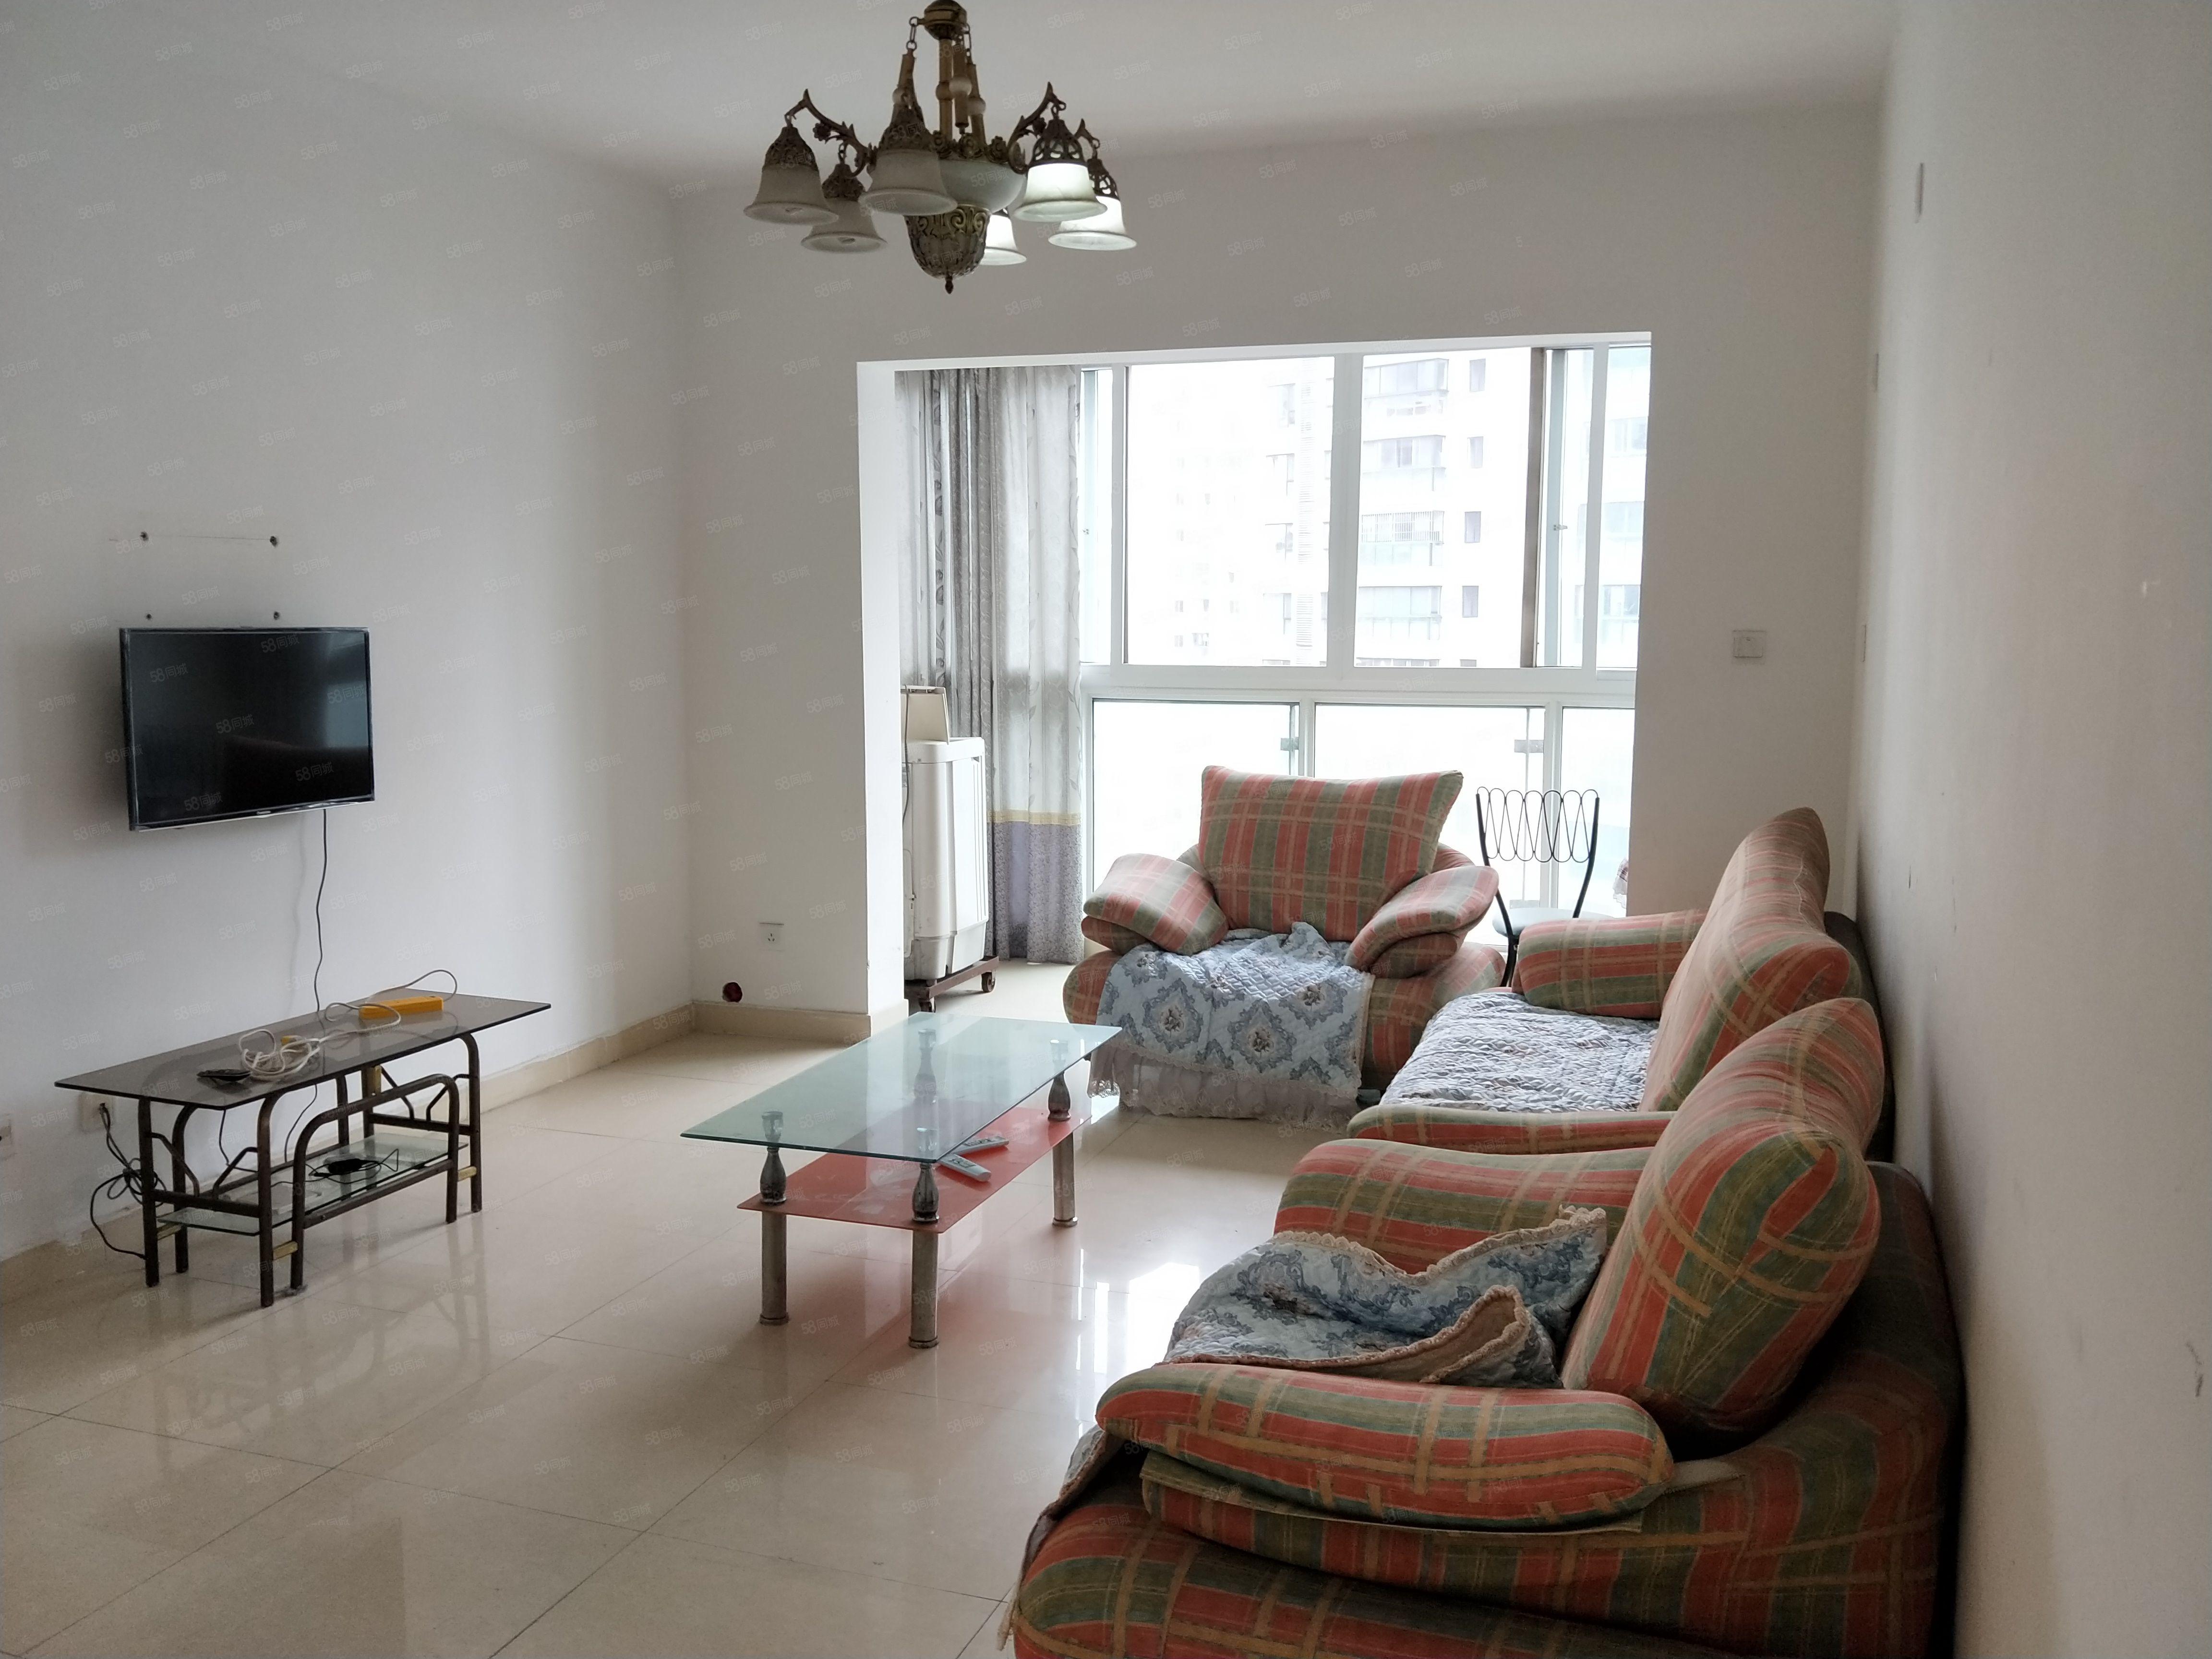 涪城区高水跃进路长虹世纪城二期4室两厅一卫两个空调家具家电齐